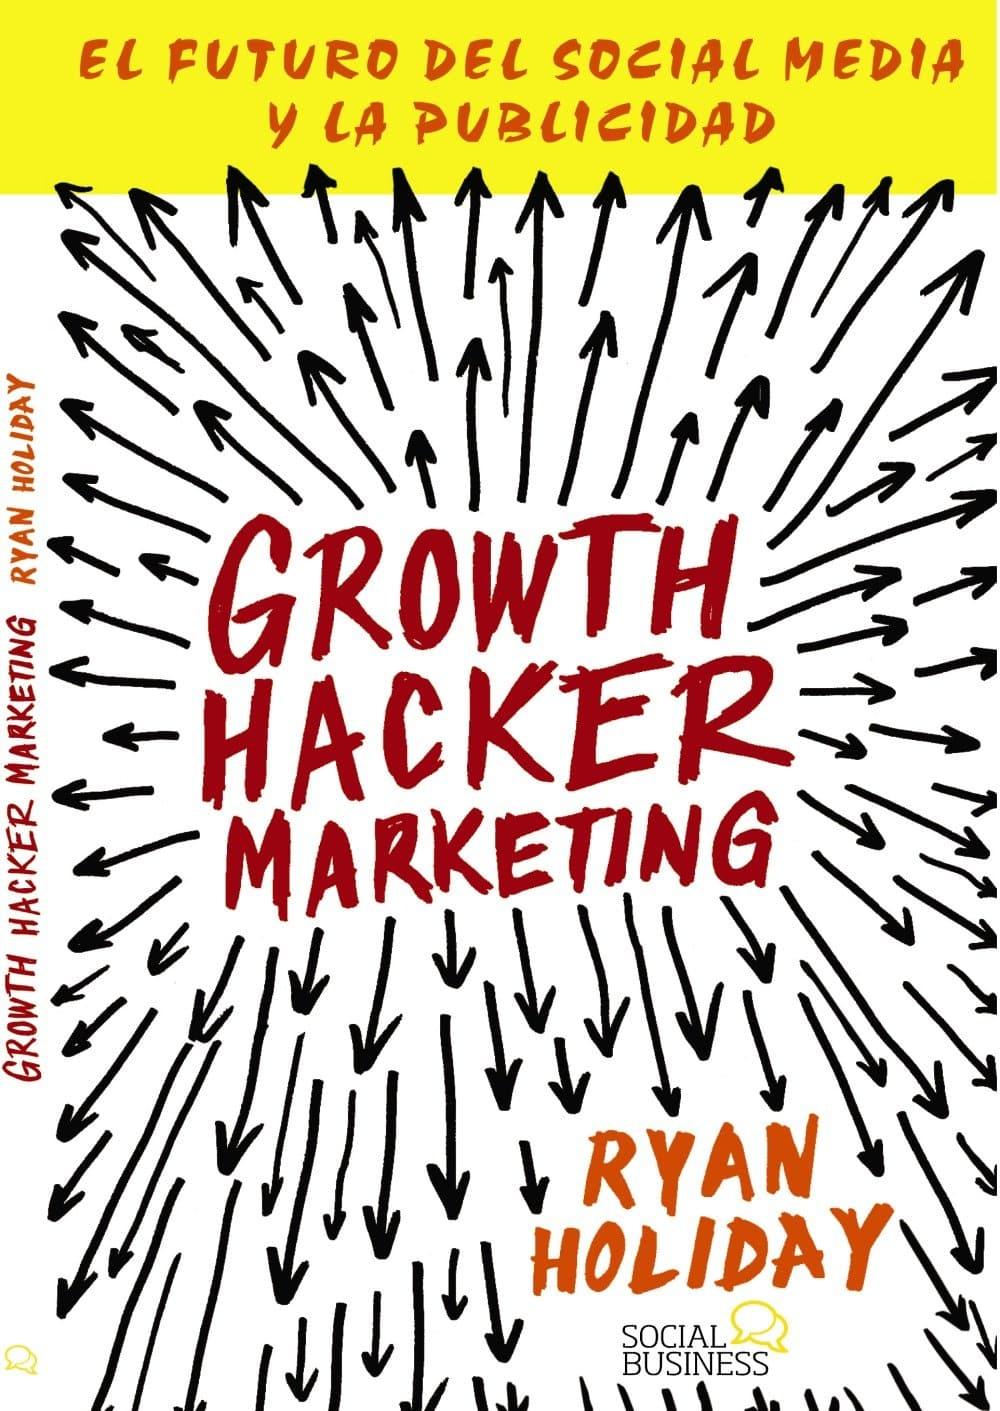 Portada del libro Growth Hacker Marketing de Ryan Holiday